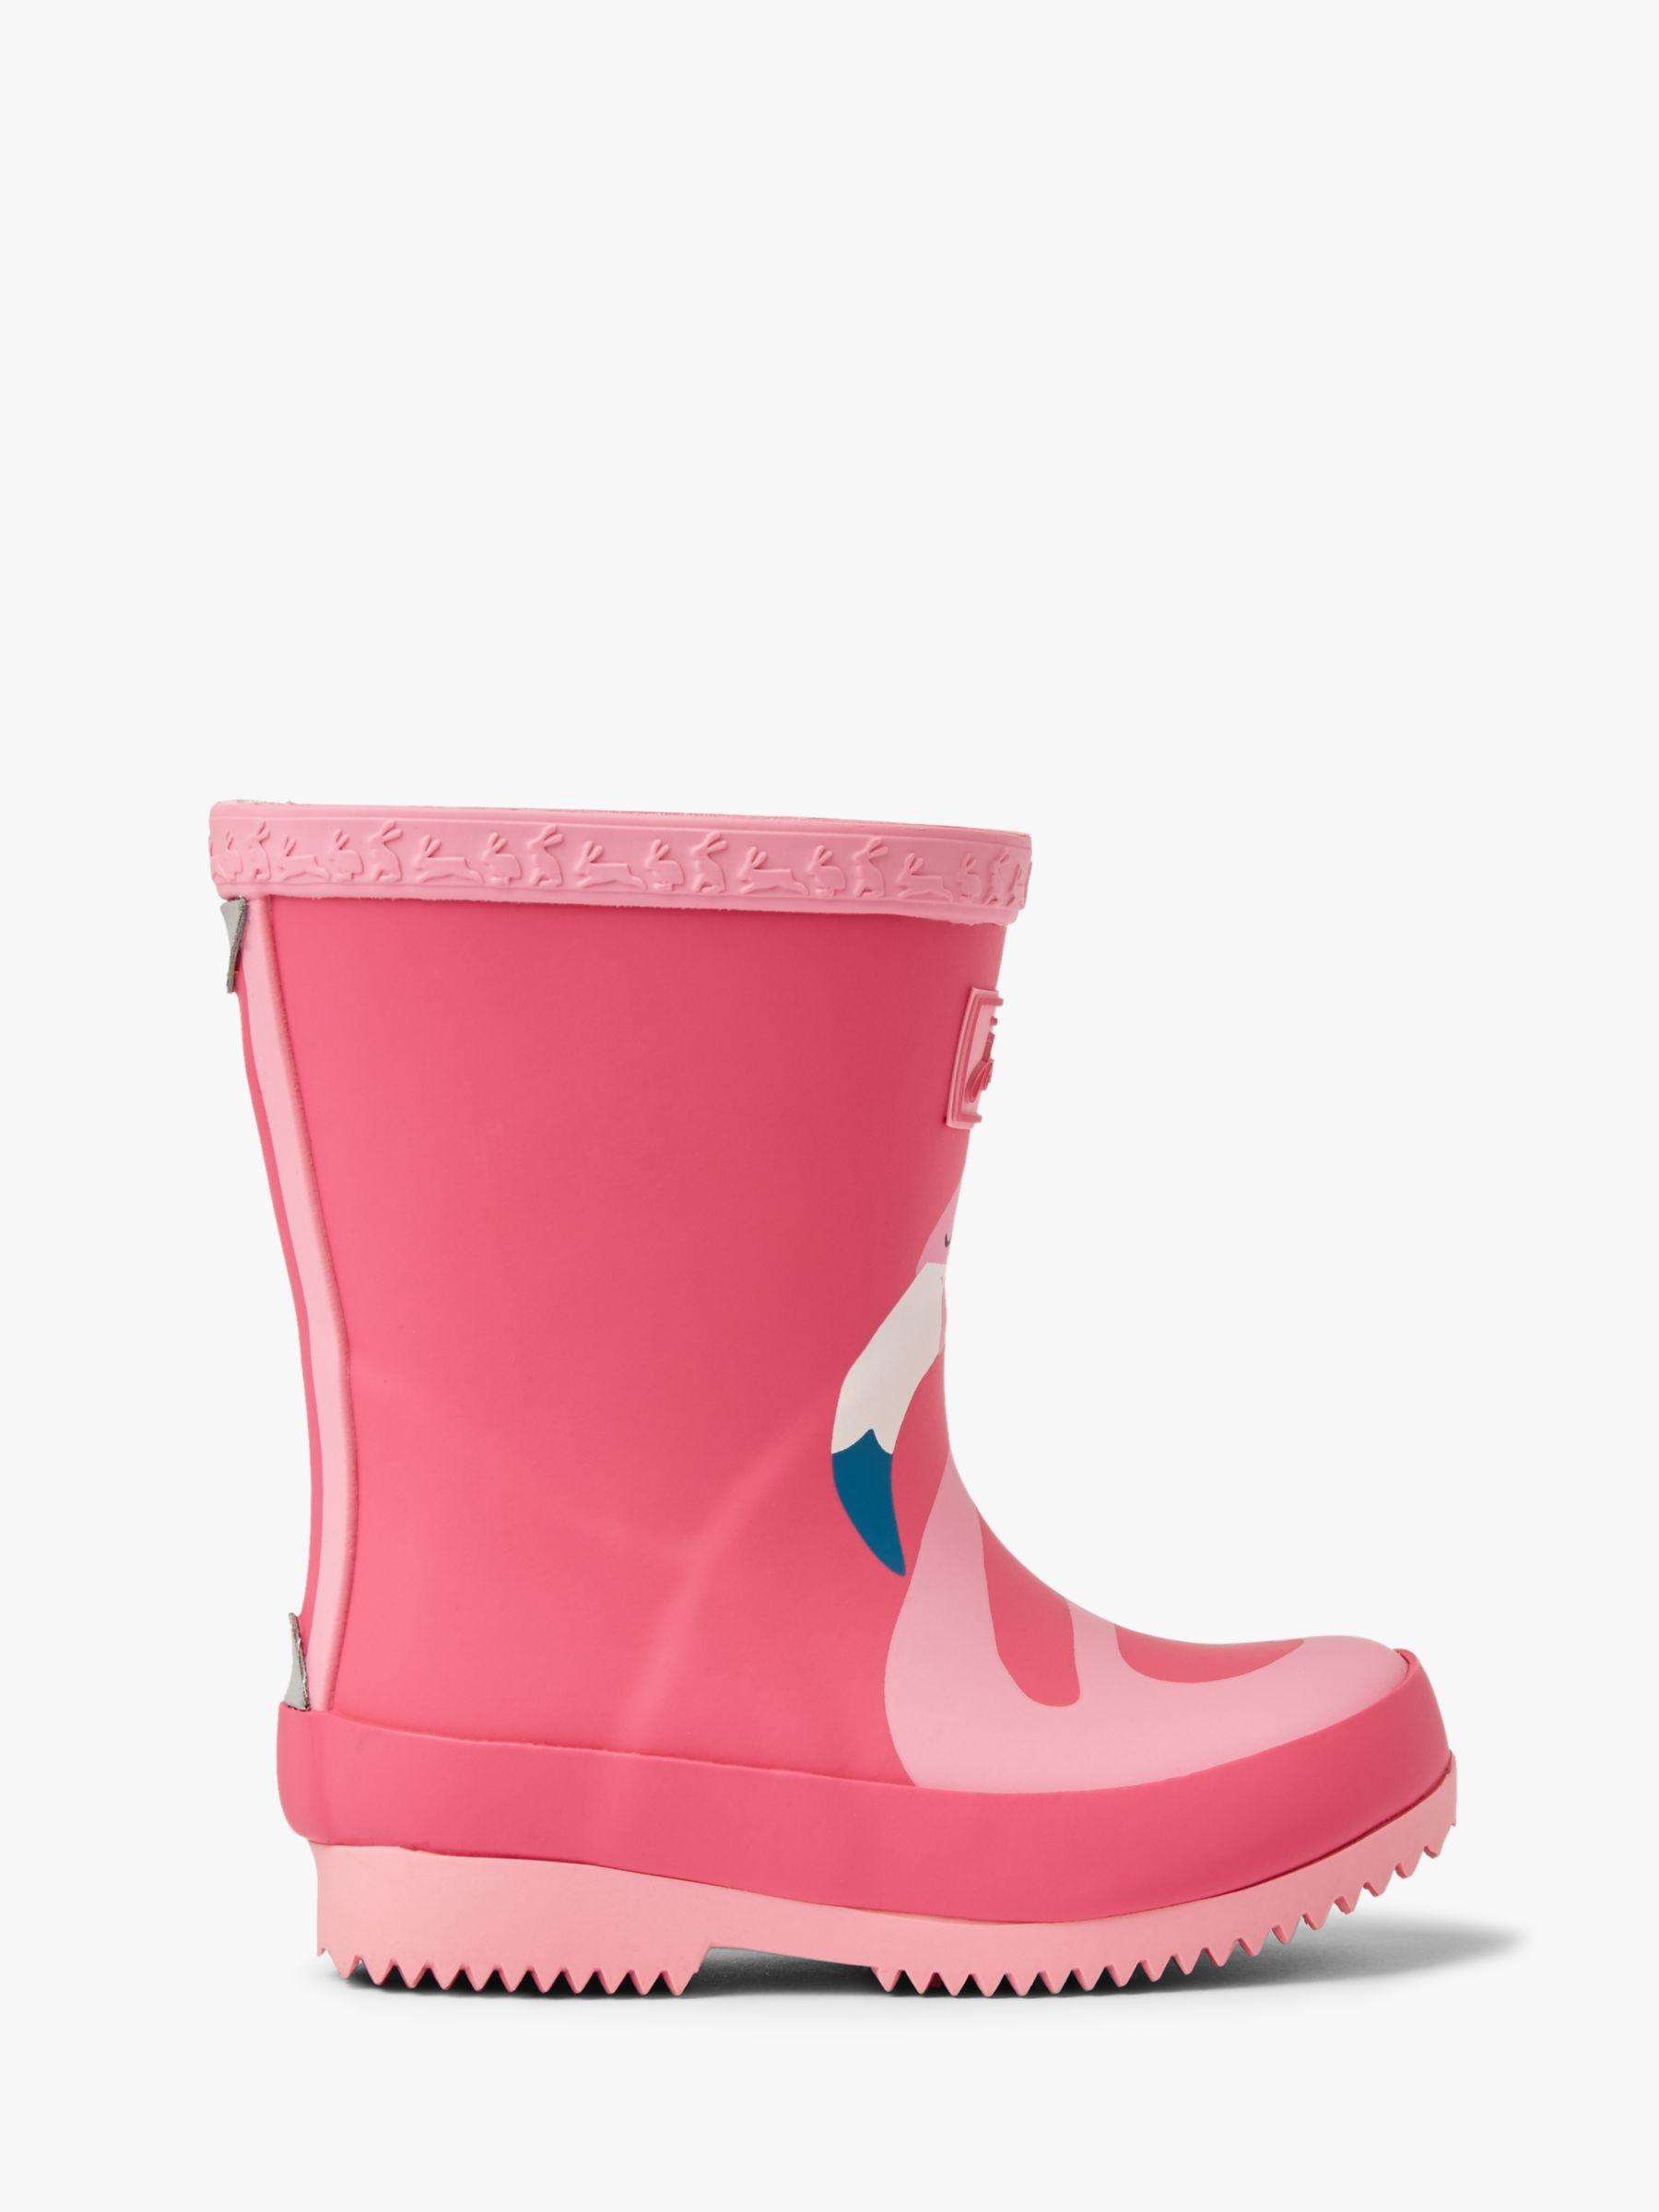 Joules Little Joule Junior Wellington Boots, Pink Flamingo